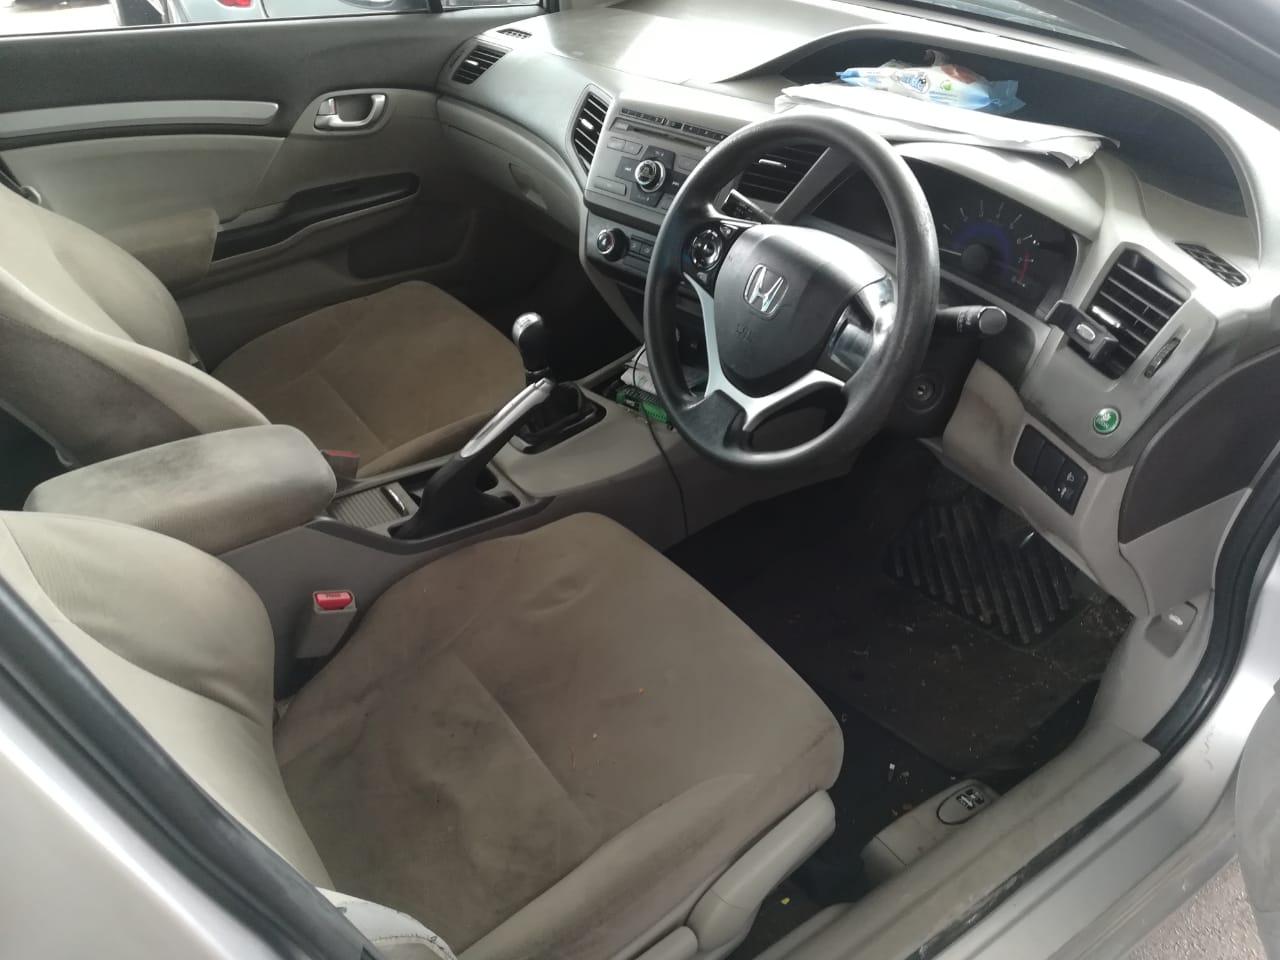 2013 Honda Civic sedan CIVIC 1.8 COMFORT CVT